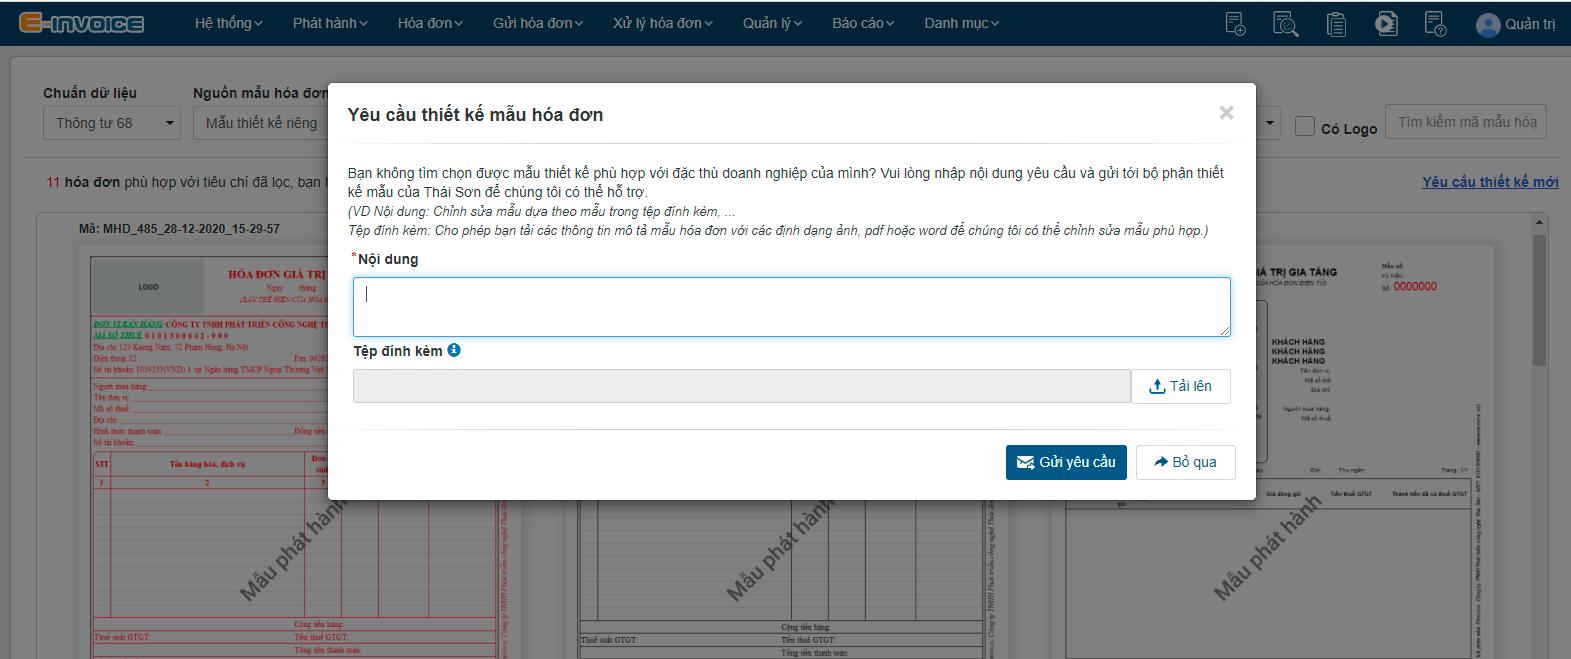 """Nhập """"Yêu cầu thiết kế mới"""" nếu không tìm được mẫu hóa đơn phù hợp."""